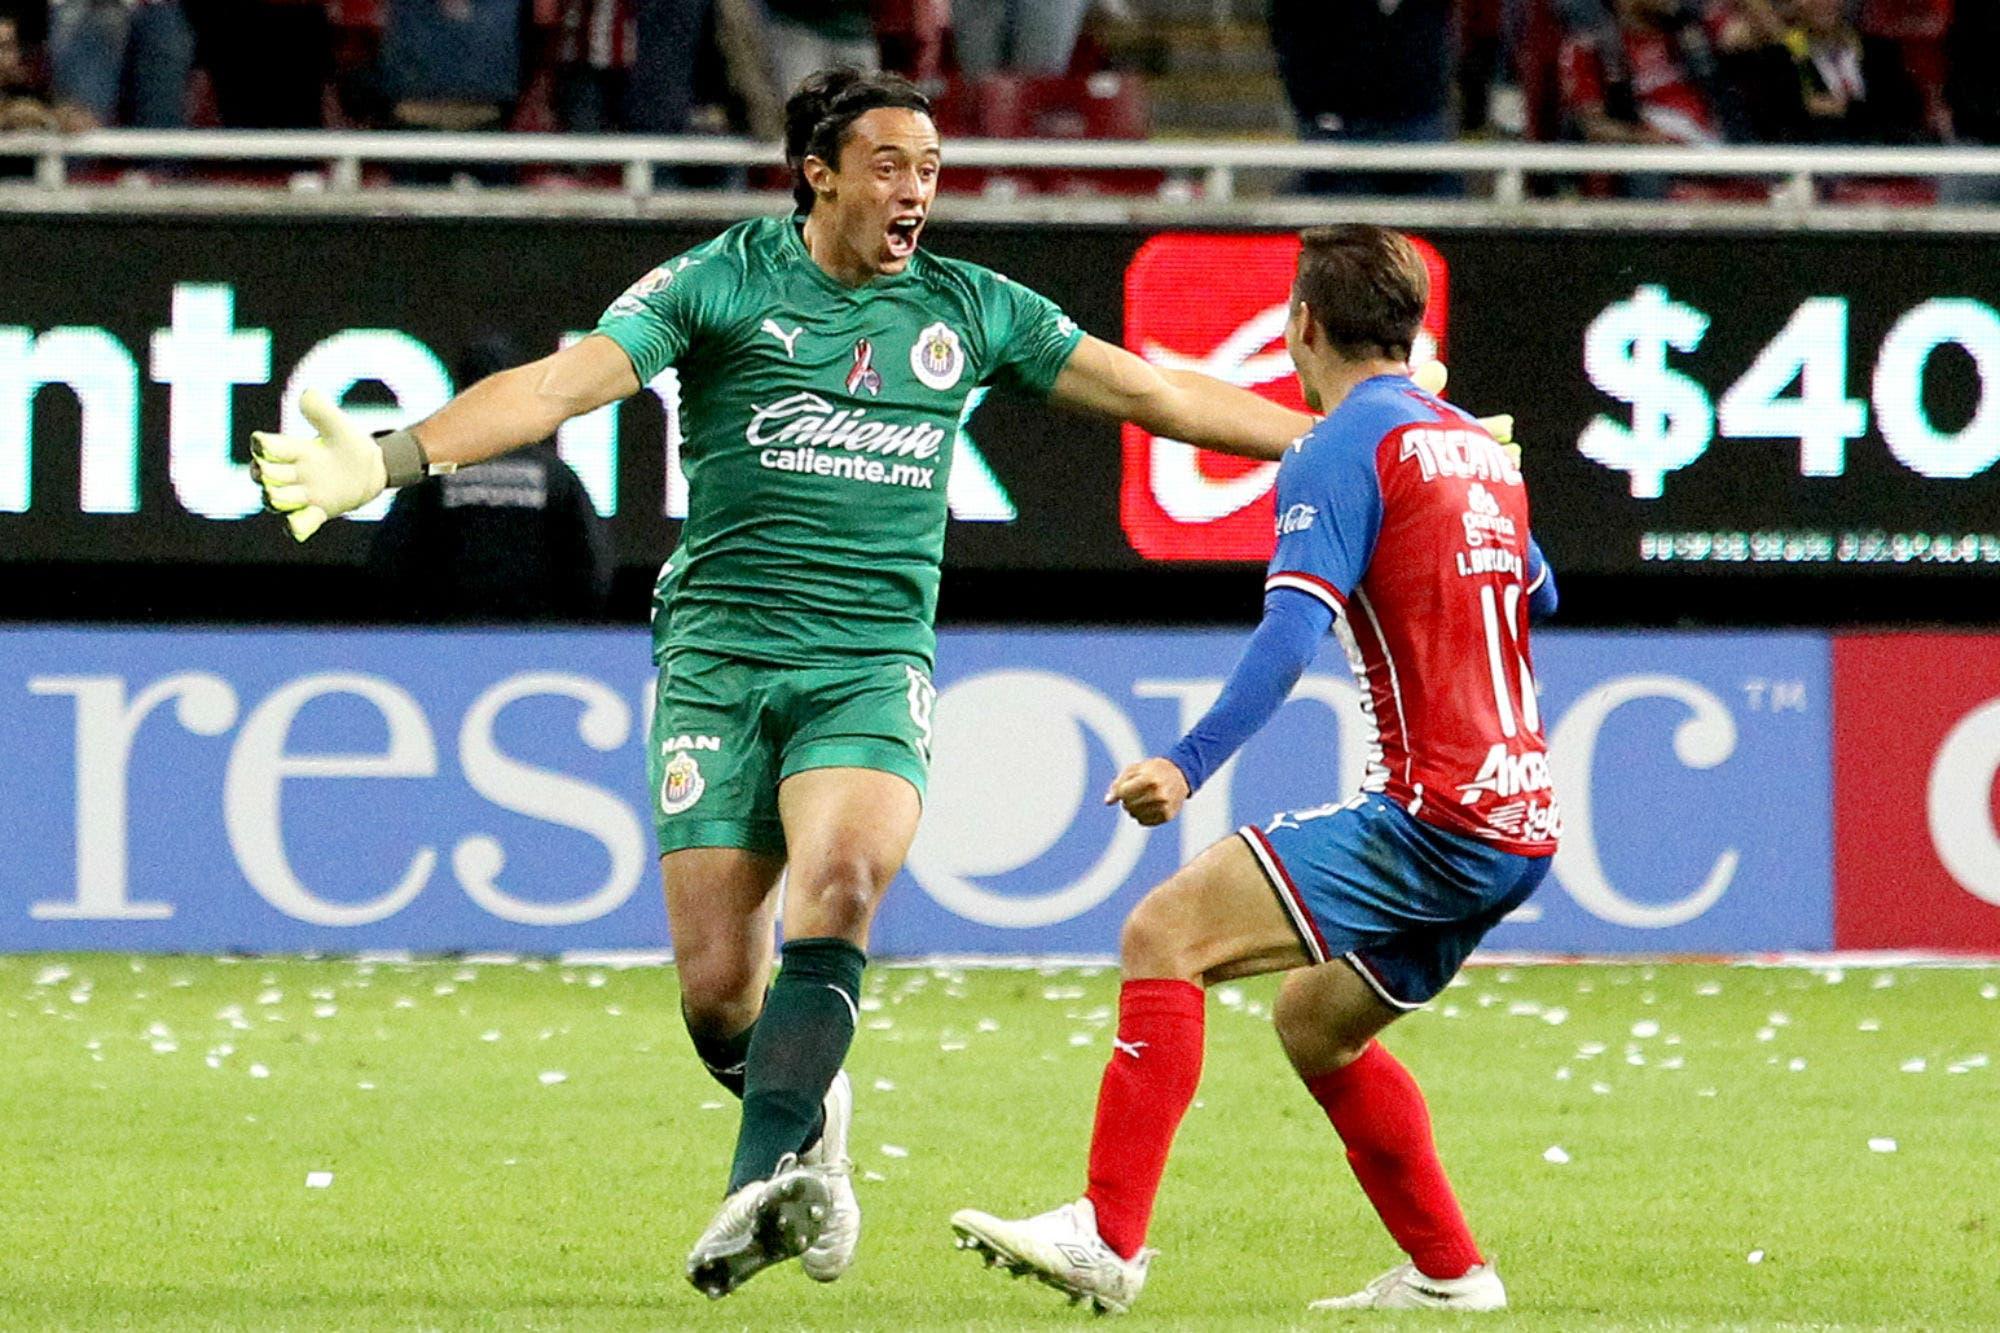 Rumbo al premio Puskas: el gol de arco a arco que festejó Chivas en México